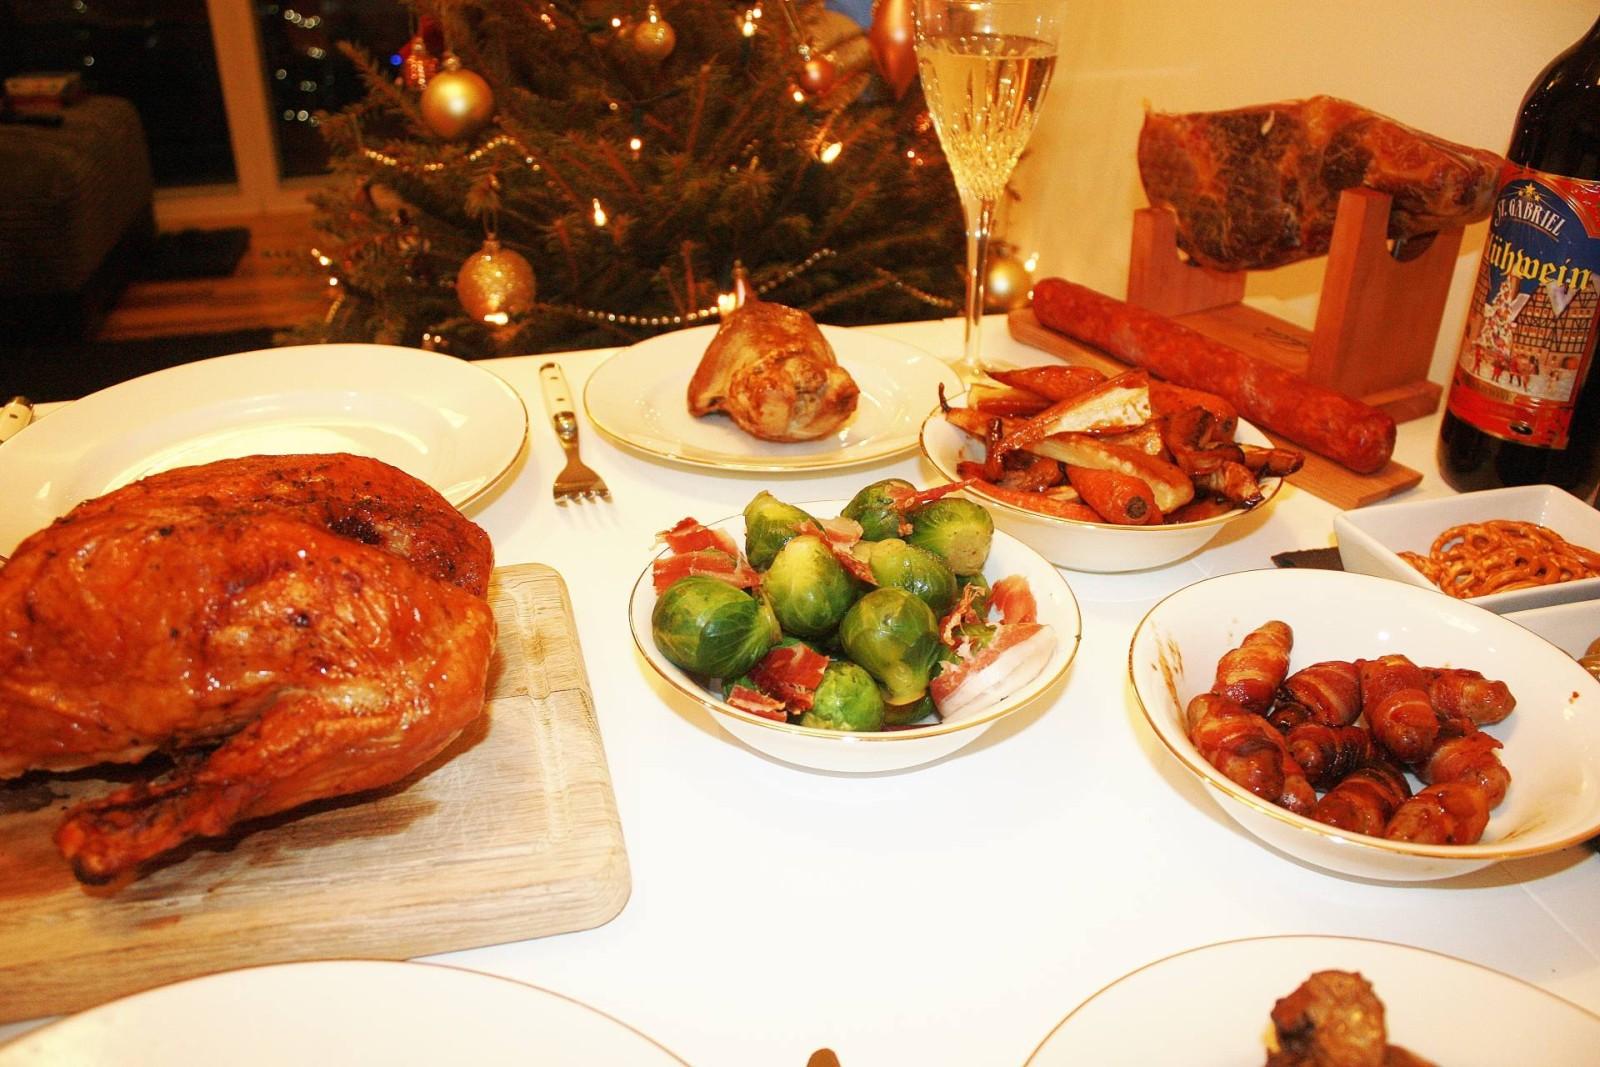 Aldi Christmas Meal